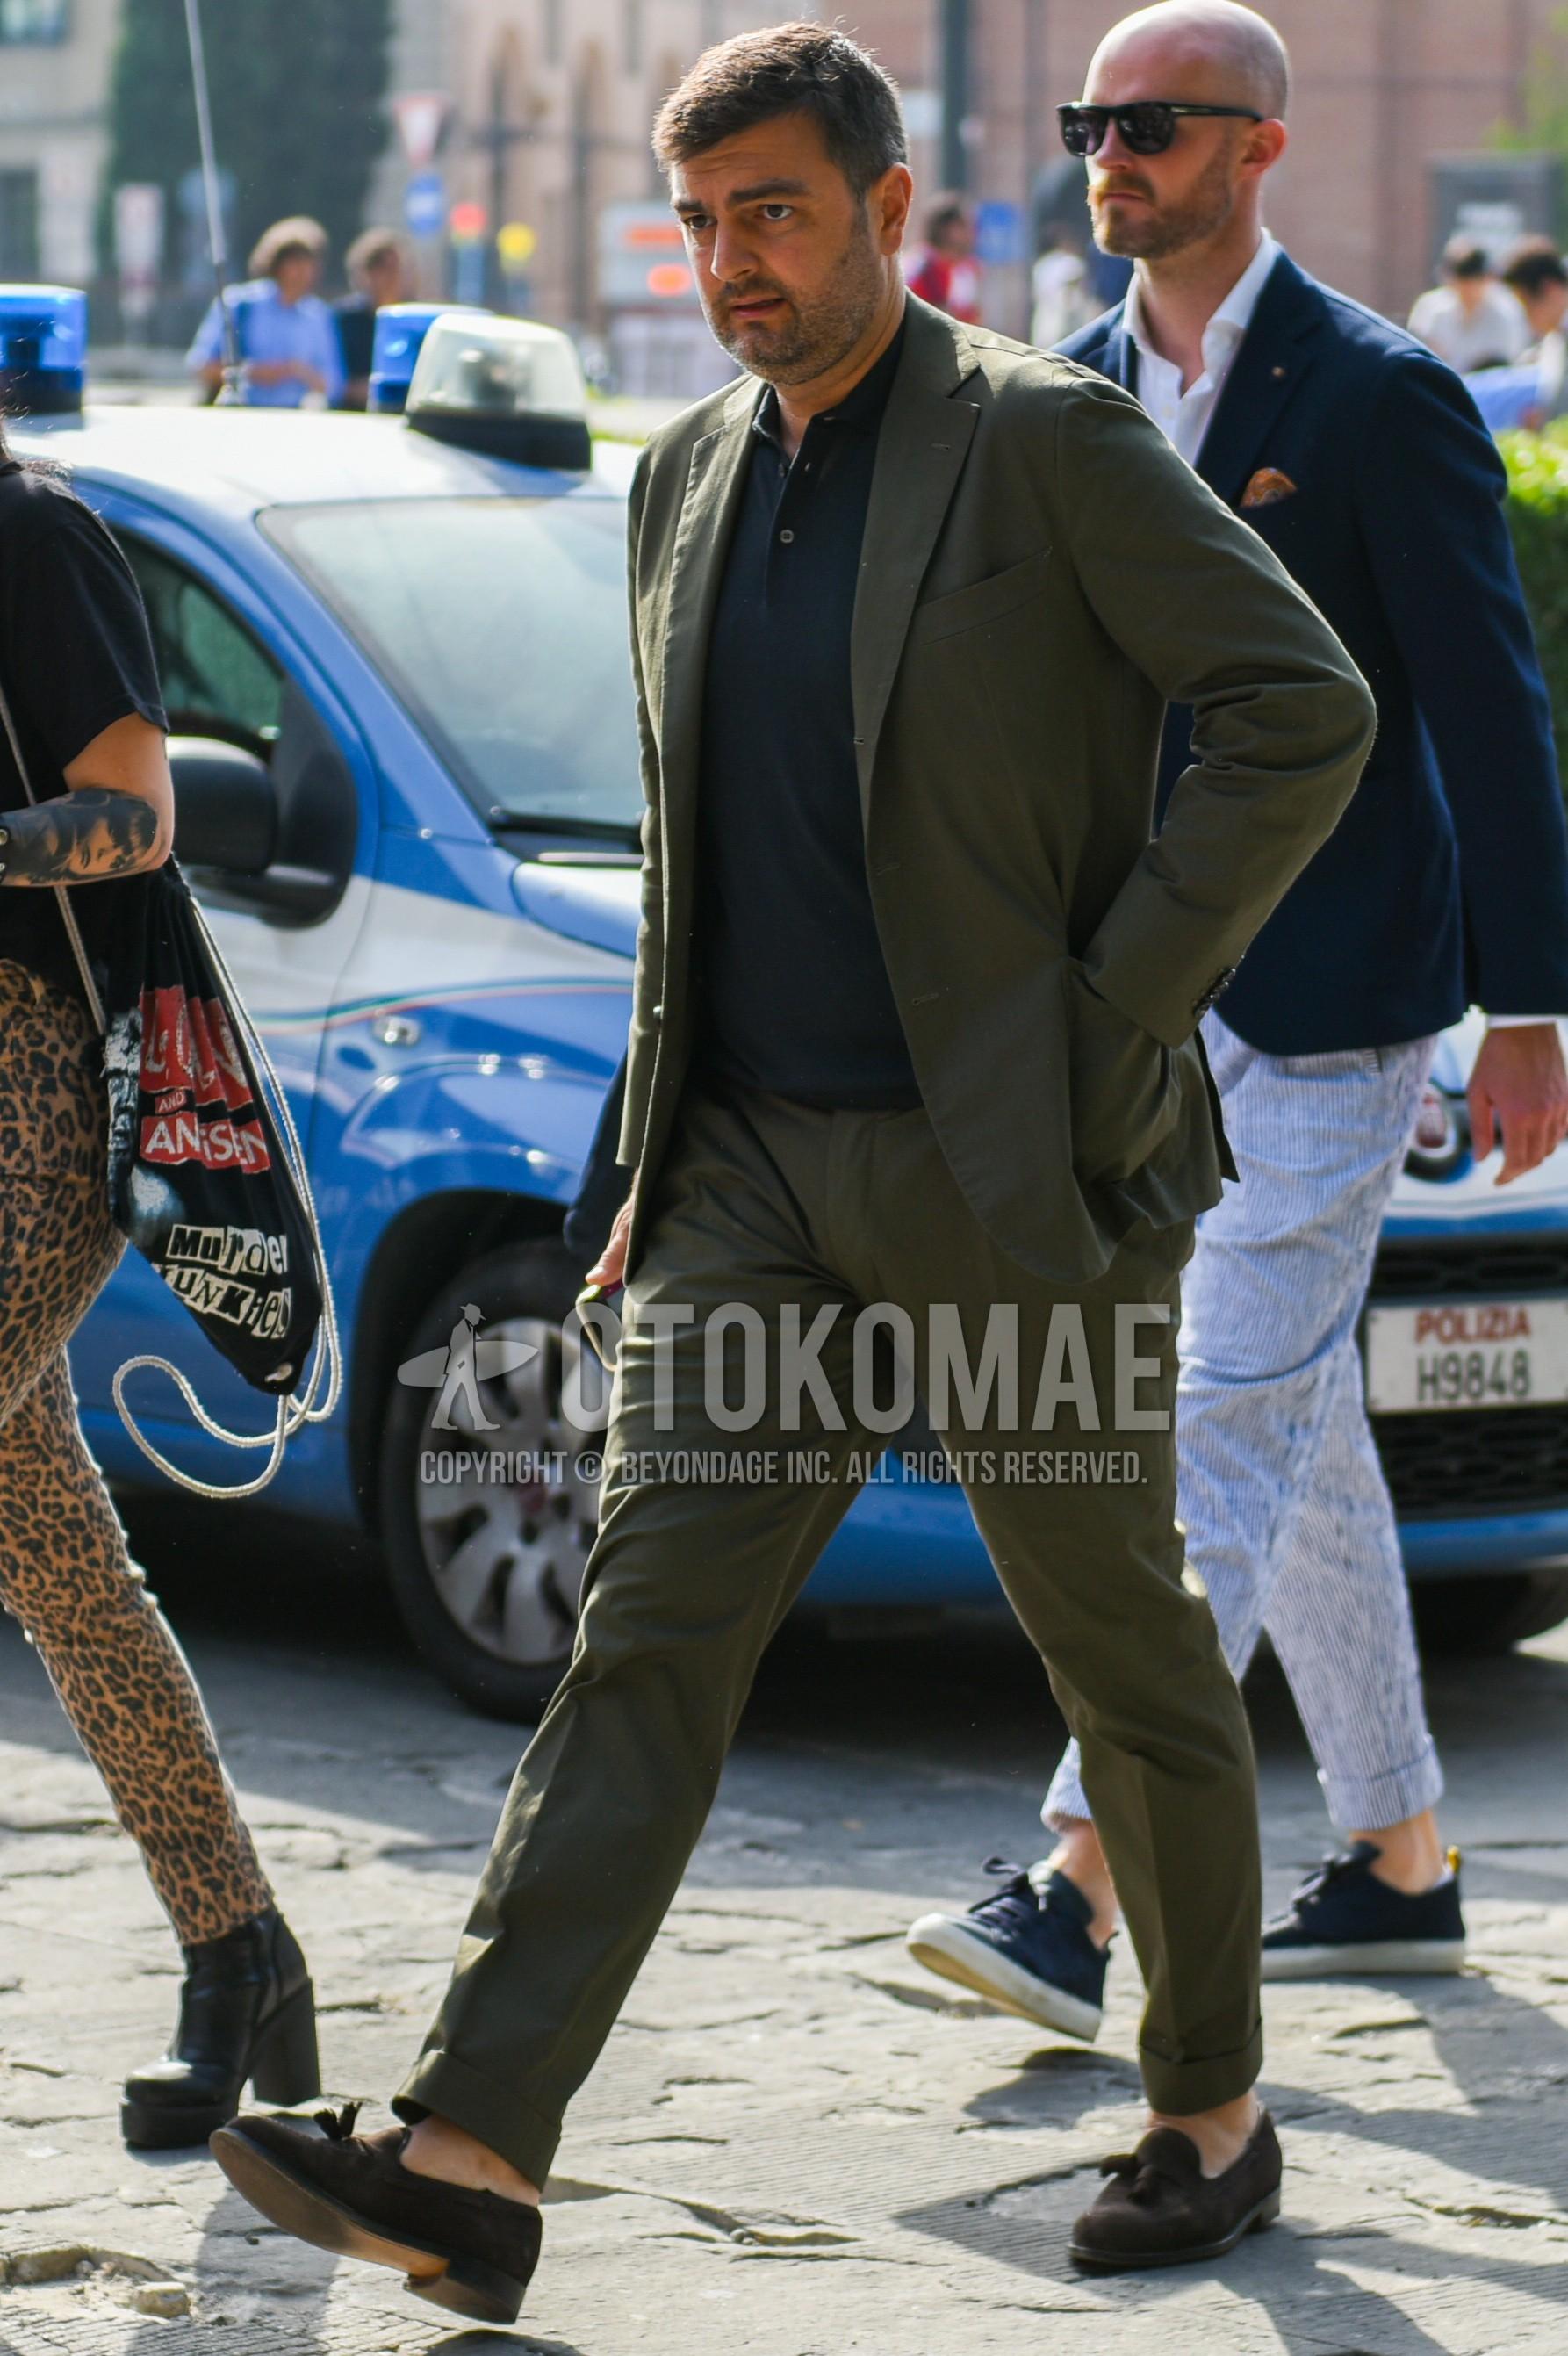 黒無地のポロシャツ、スエードのブラウンタッセルローファーの革靴、オリーブグリーン無地のスーツを合わせた春夏のメンズコーデ・着こなし。